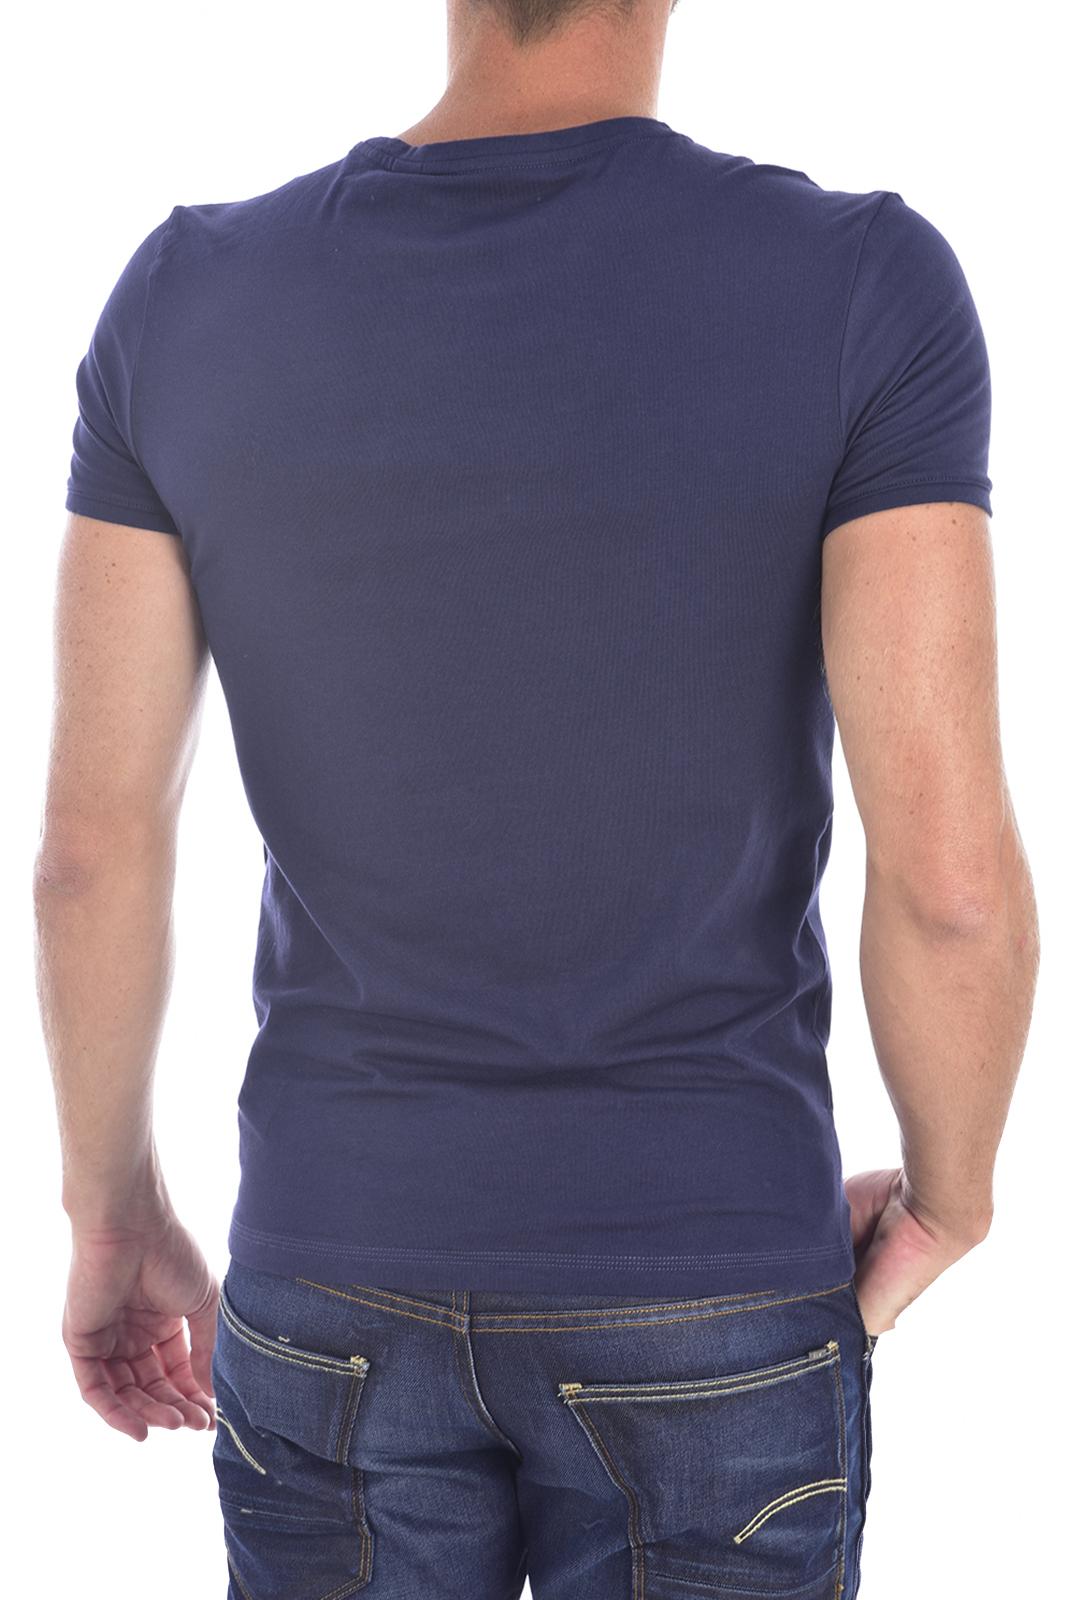 T-S manches courtes  Guess jeans U94G00 JR00A st83